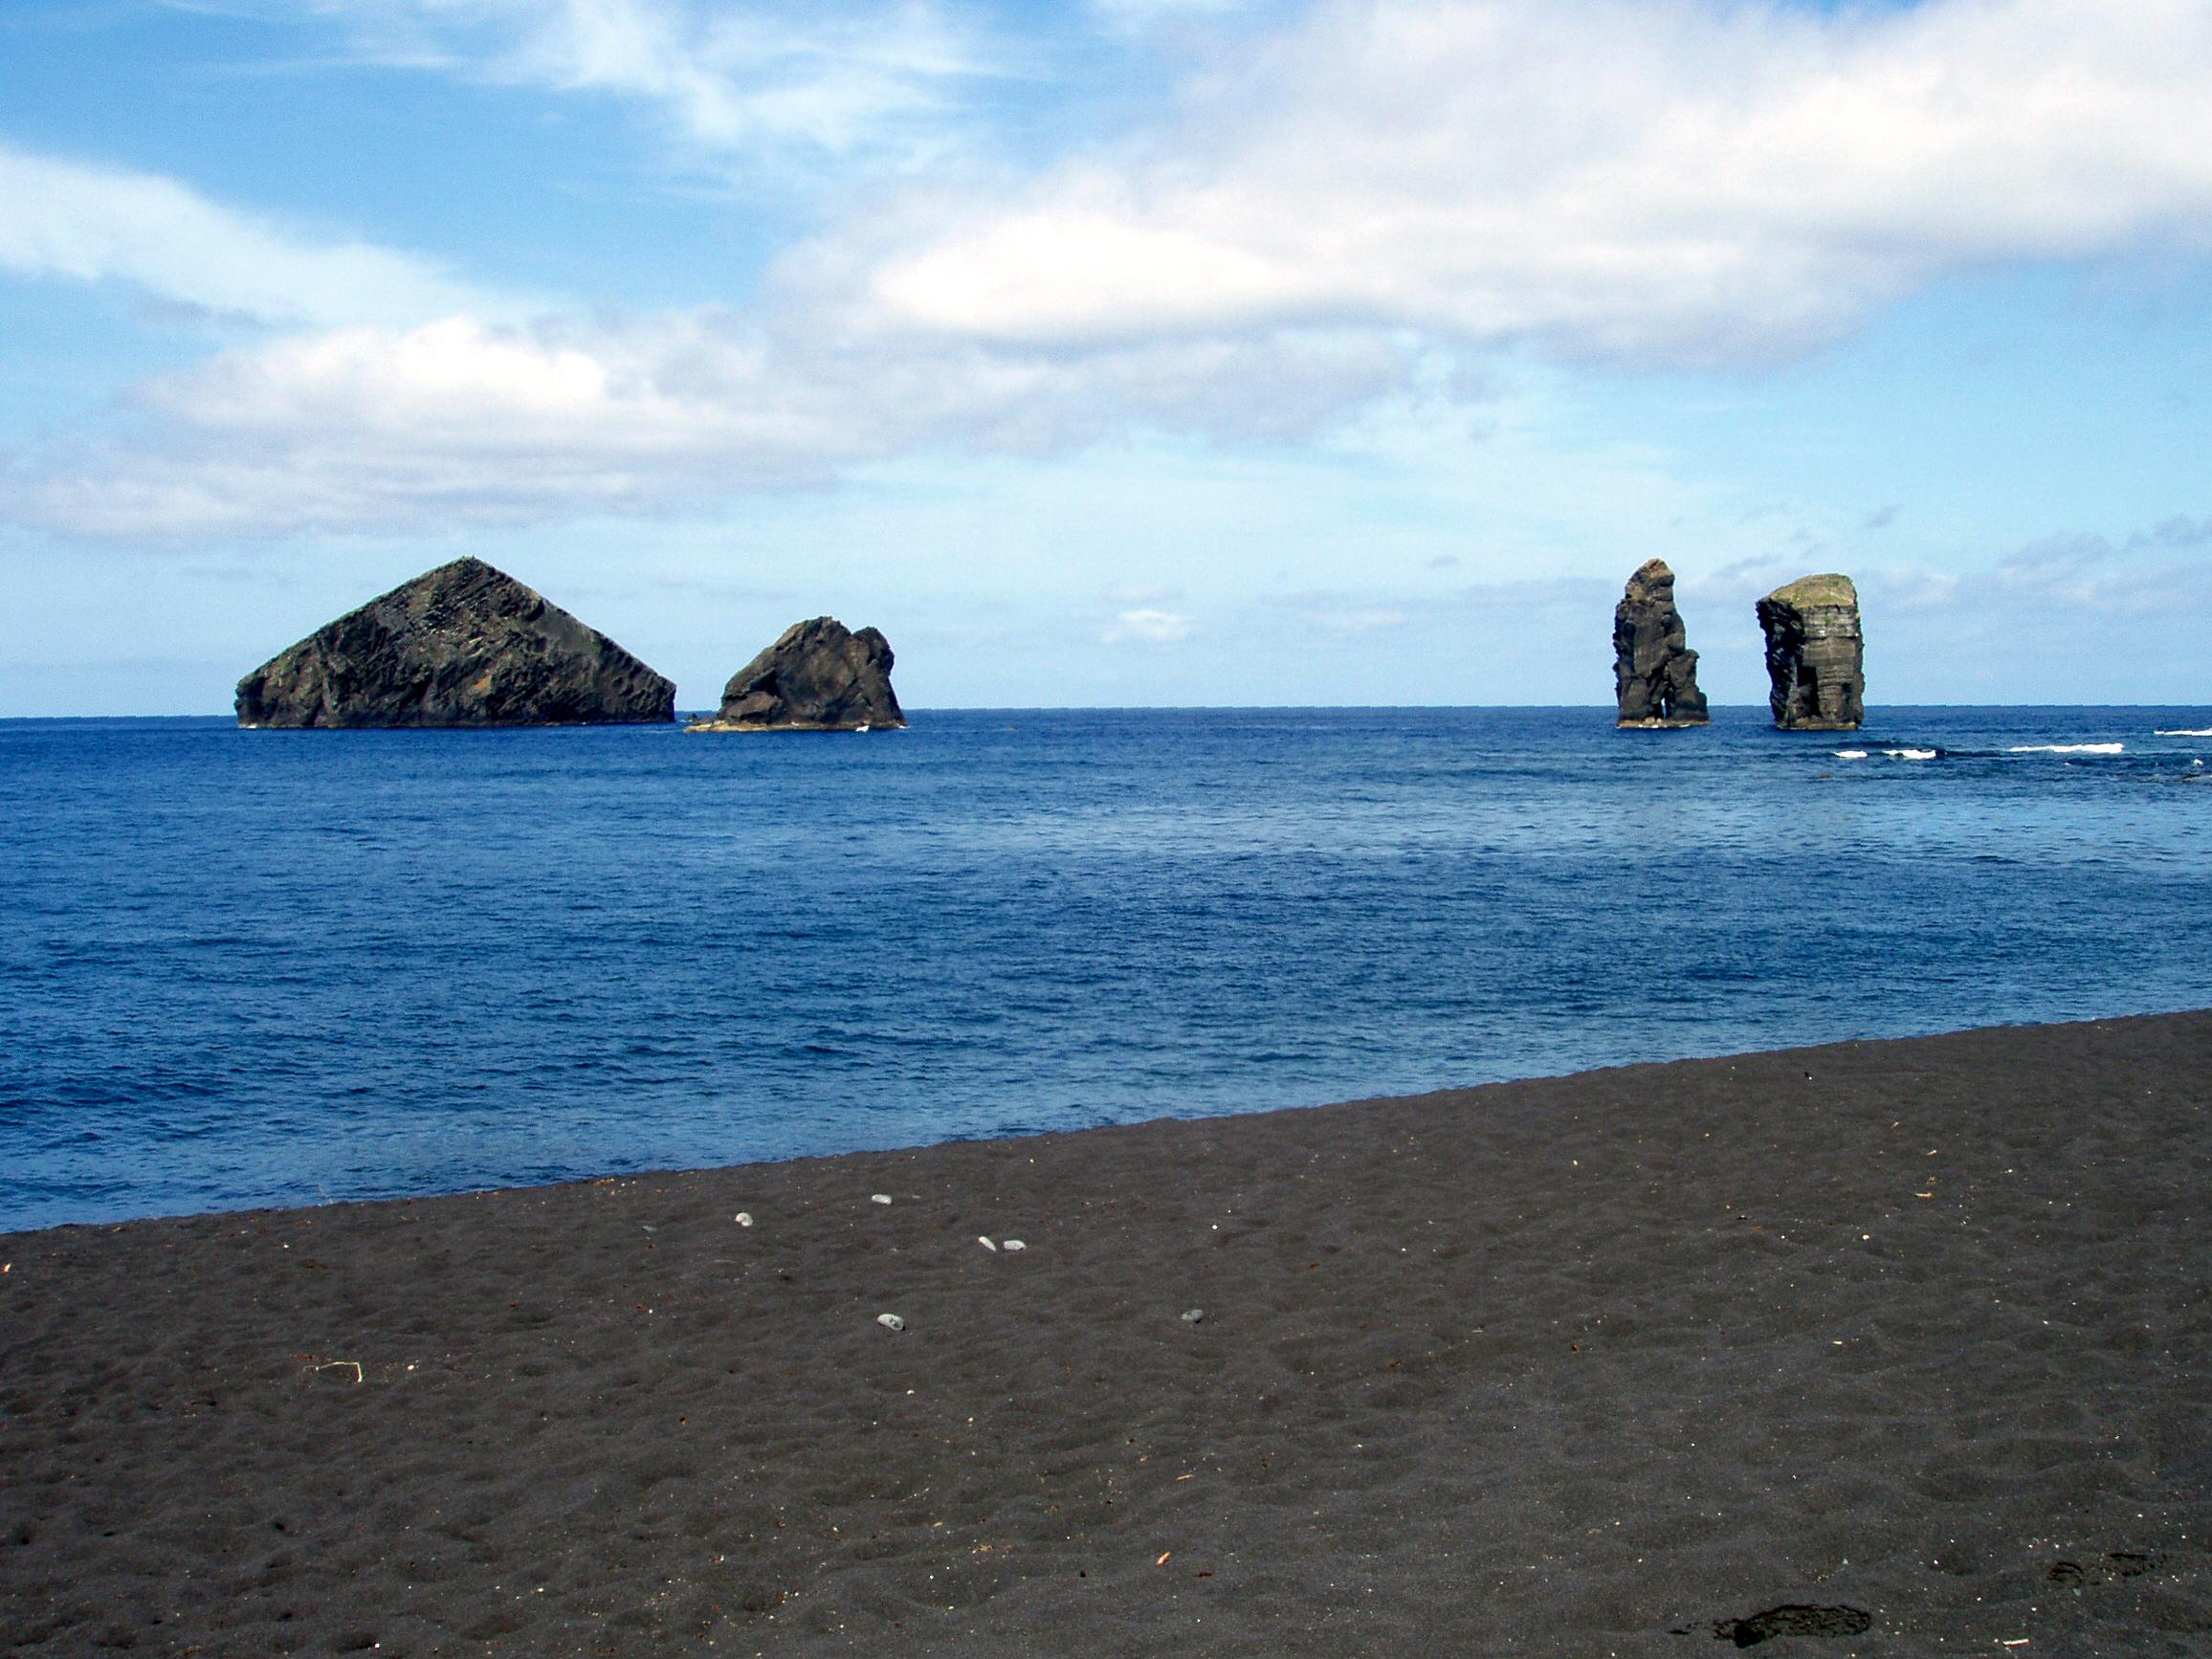 https://upload.wikimedia.org/wikipedia/commons/4/46/Azoren_Sao_Miguel_Ilheus_dos_Mosteiros.JPG